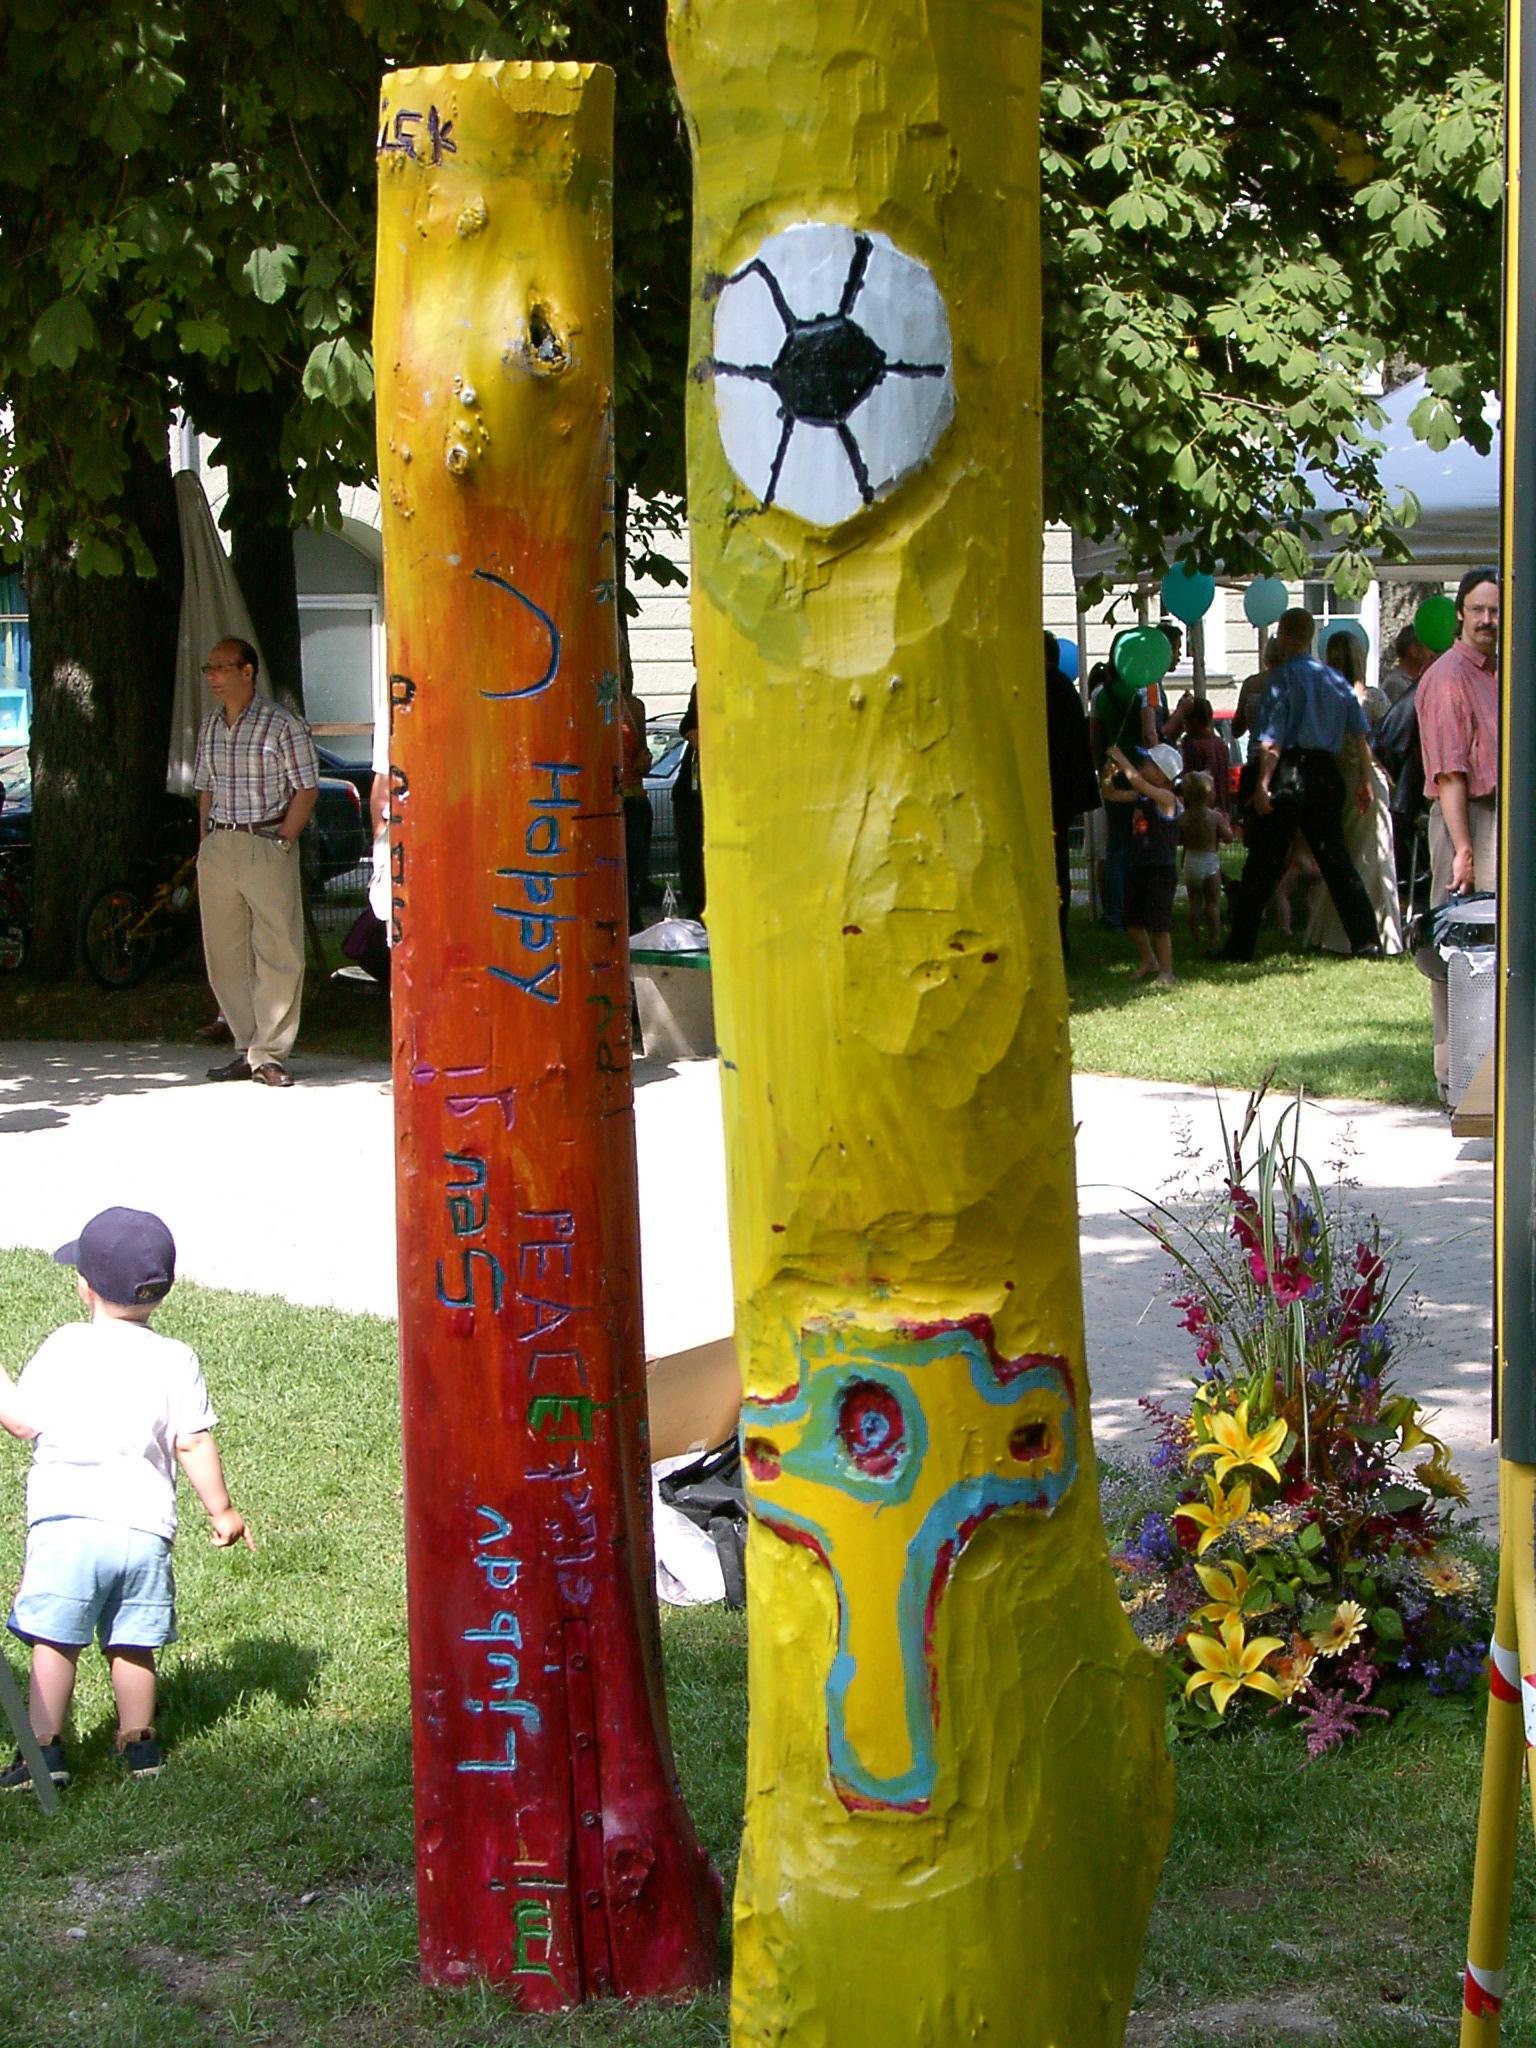 Spielplatz Gollierplatz, München